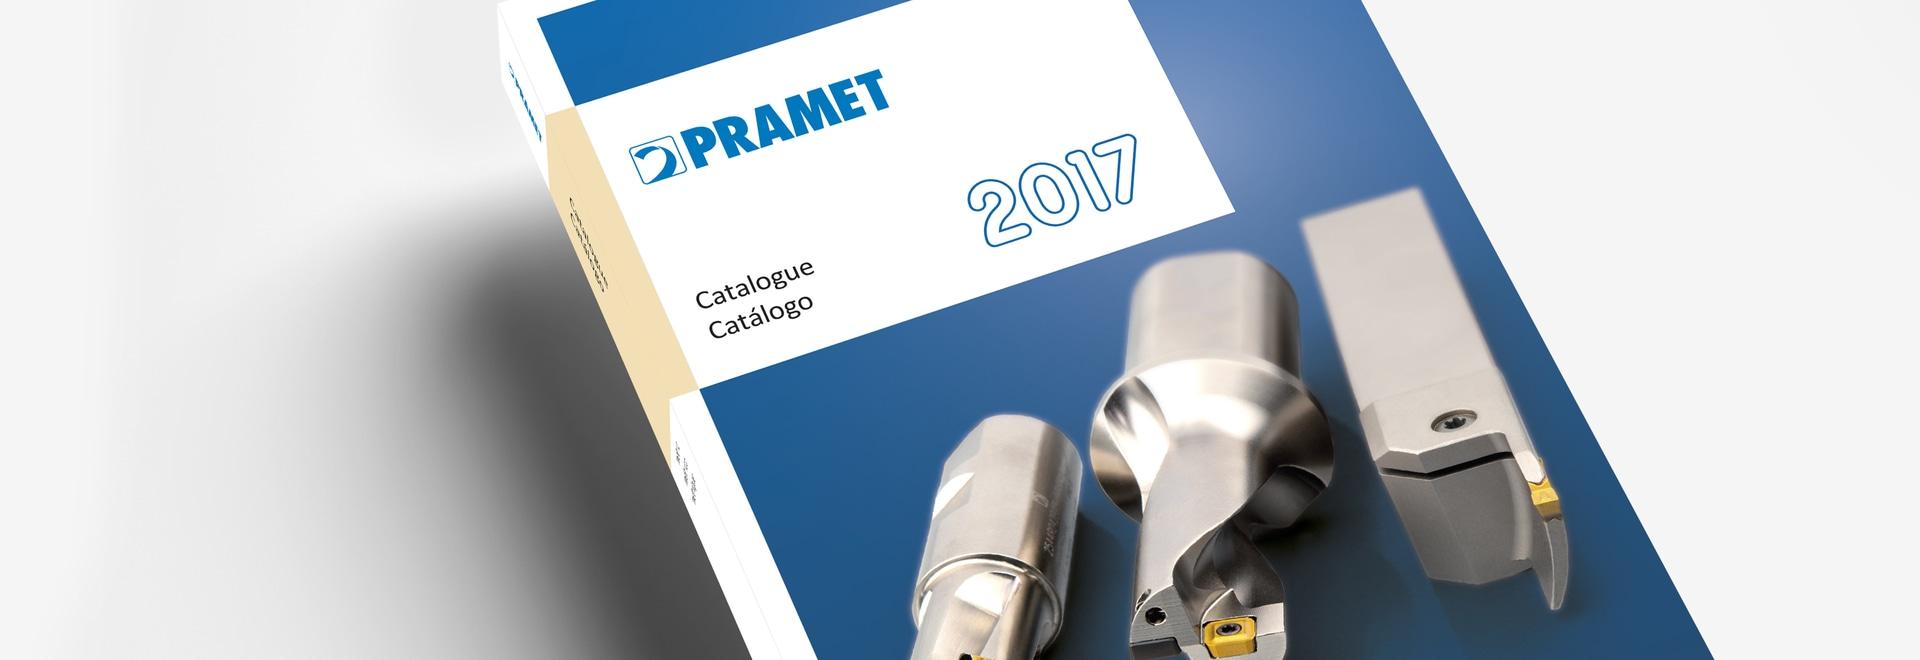 Pramet-Katalog 2017